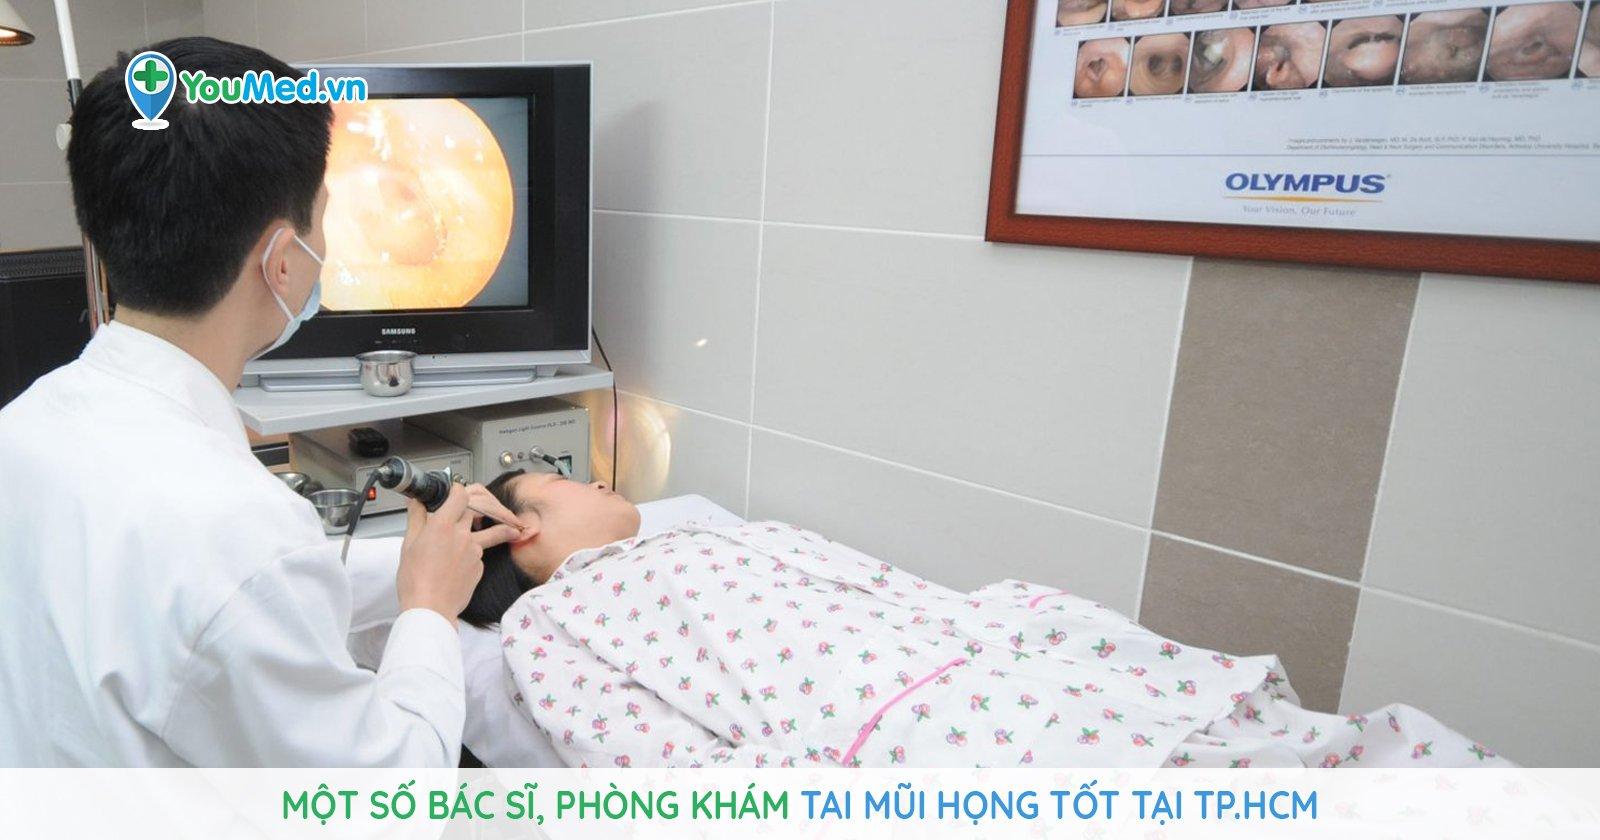 Một số bác sĩ, phòng khám Tai Mũi Họng tốt tại TP.HCM